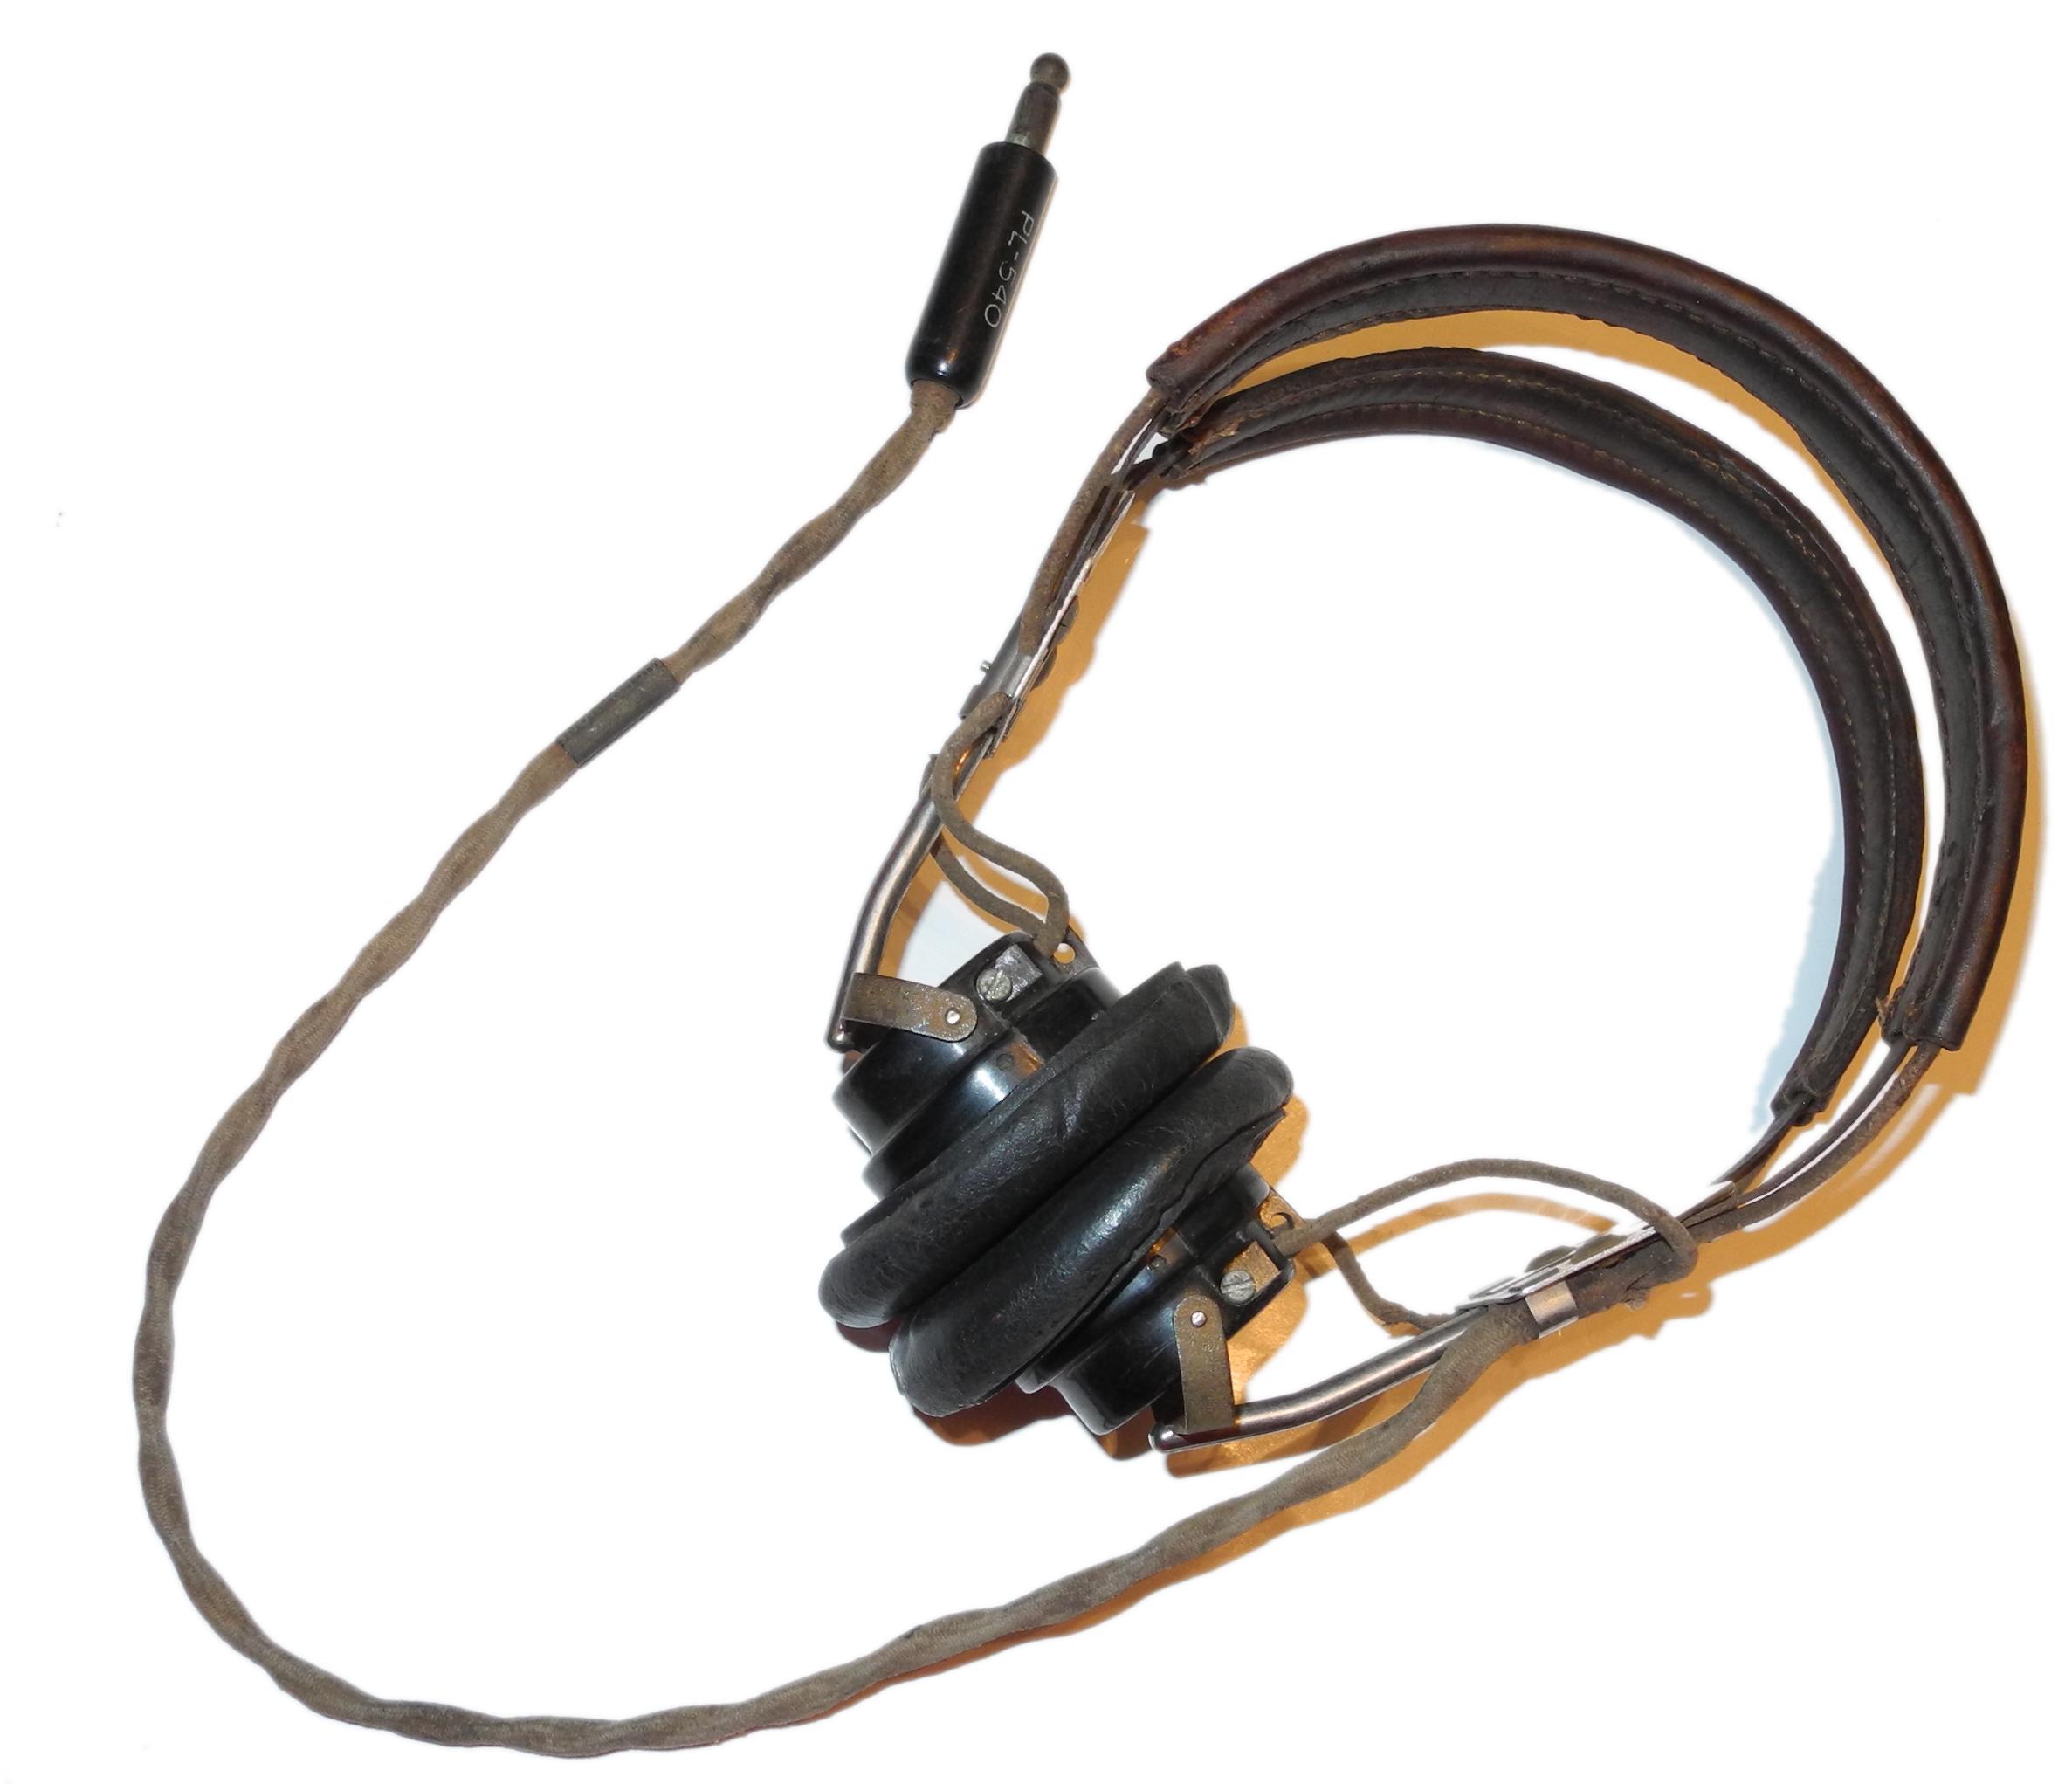 AAF HB-7 headset $55